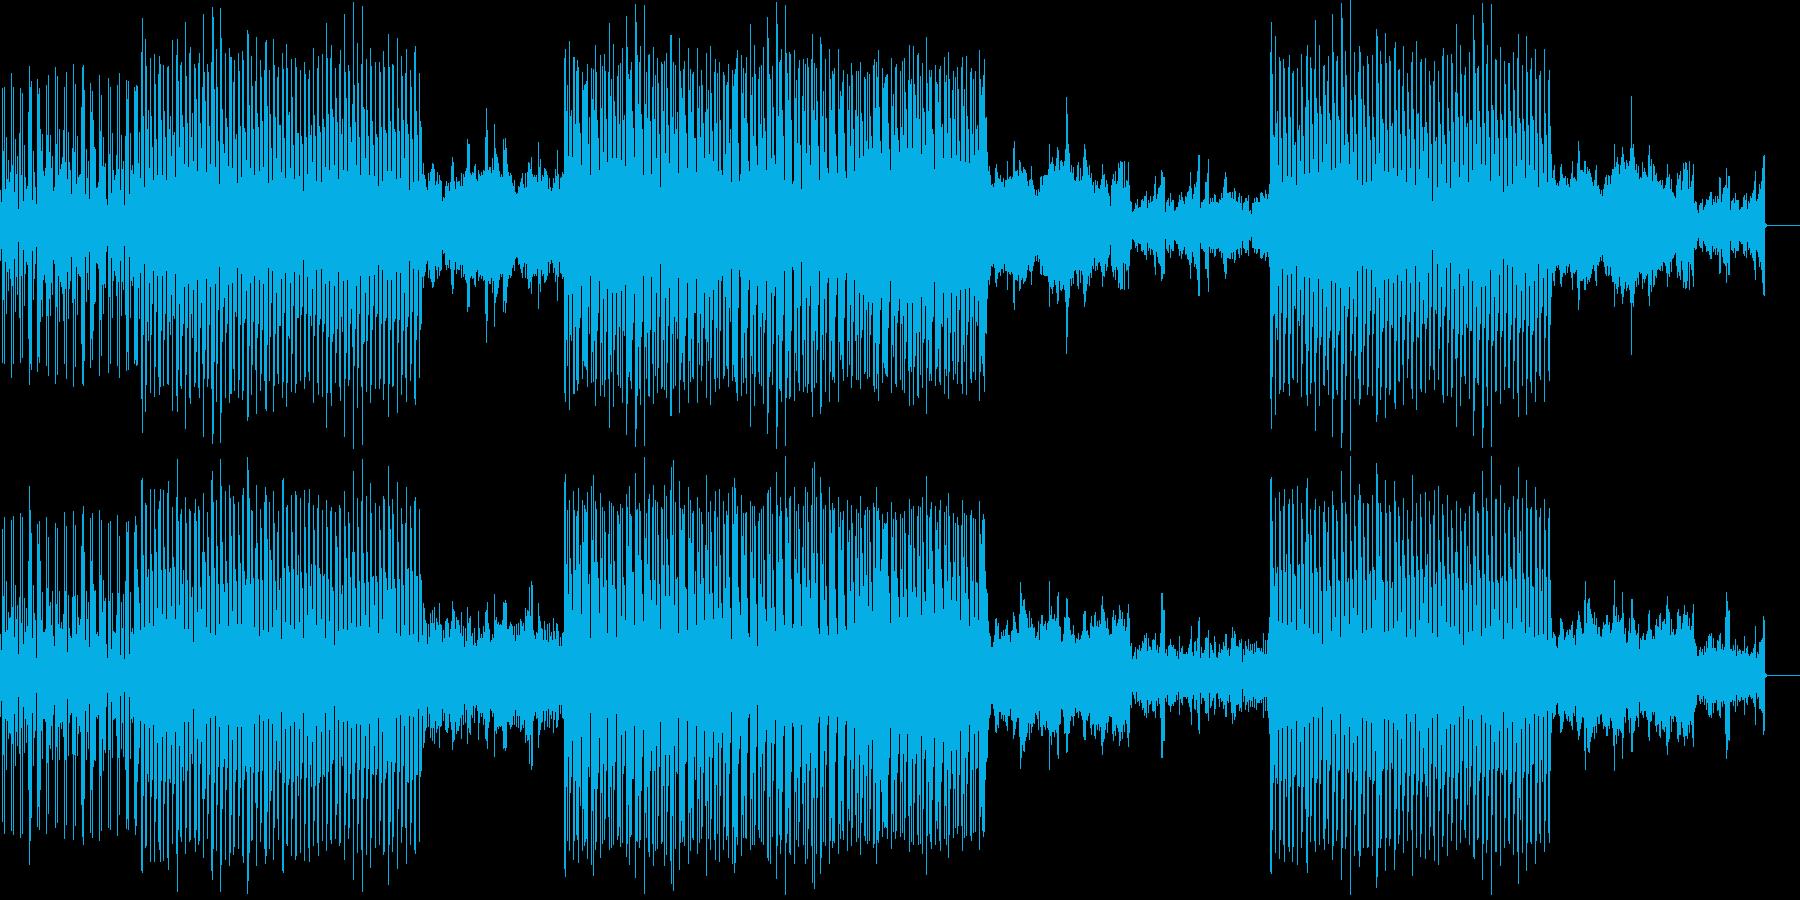 00年代のJ-pop風サウンドトラックの再生済みの波形